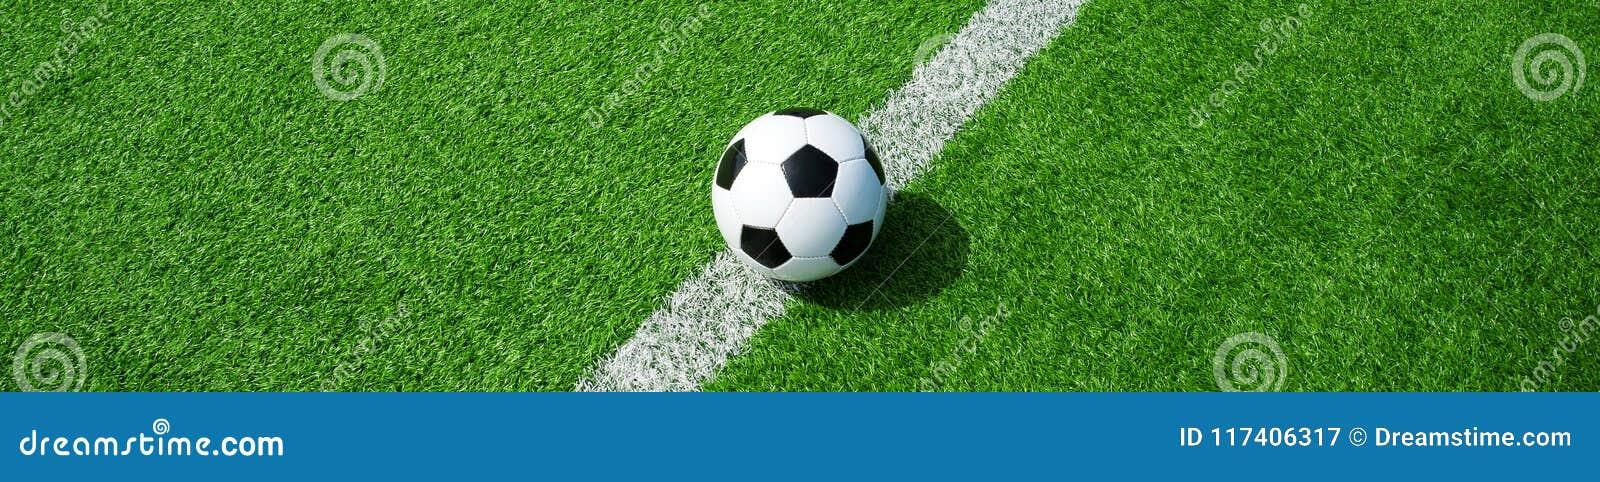 Voetbalbal op groen kunstmatig gras, landschapsformaat, voor een banner